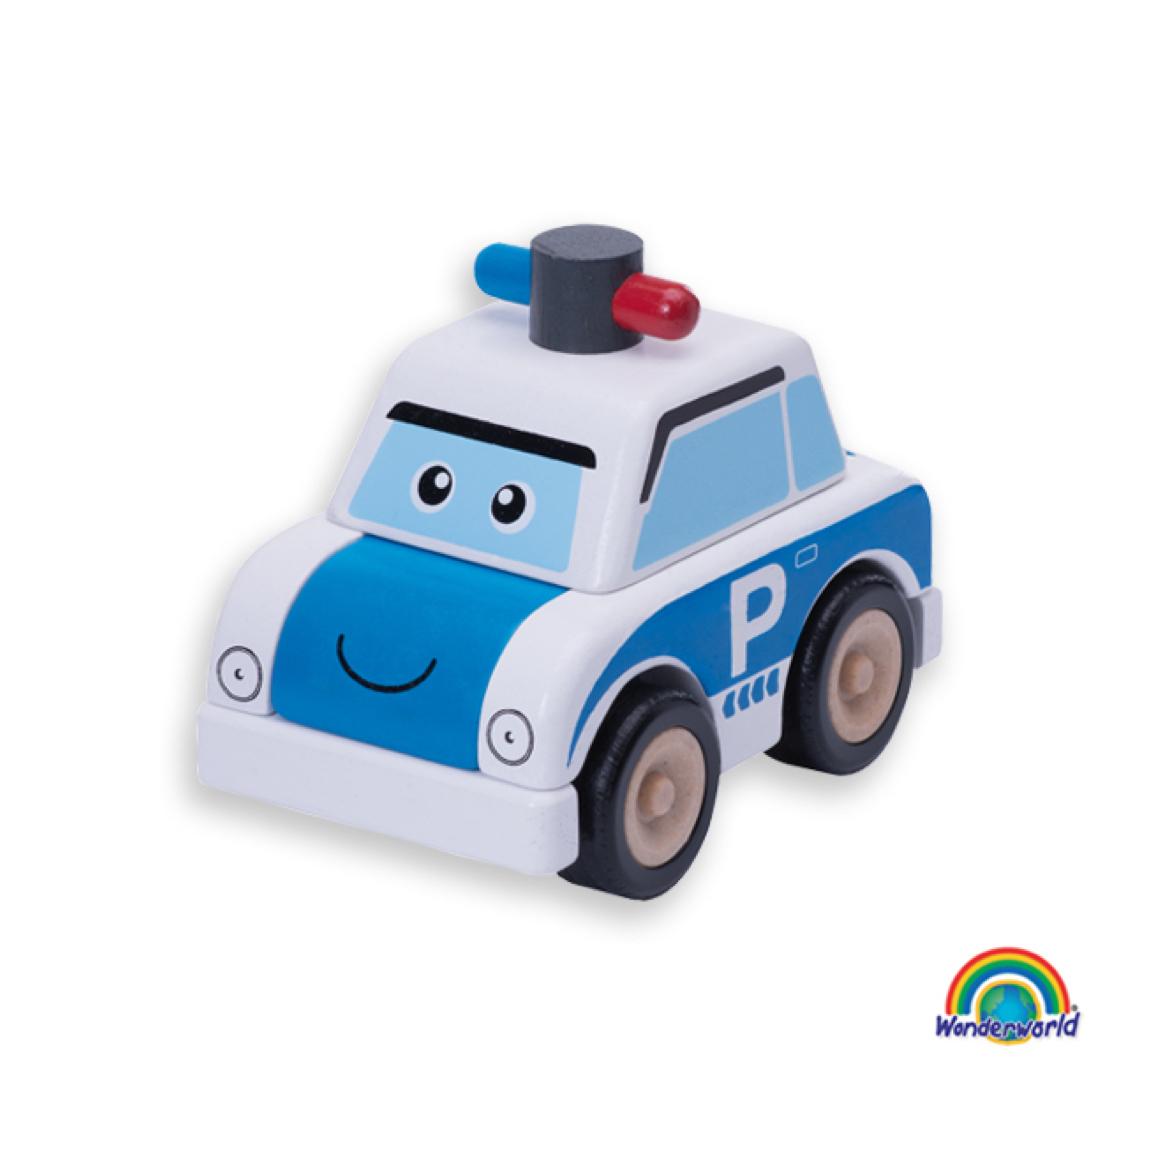 construye-un-coche-de-policia-de-wonderworld-en-el-mundo-de-mico-2